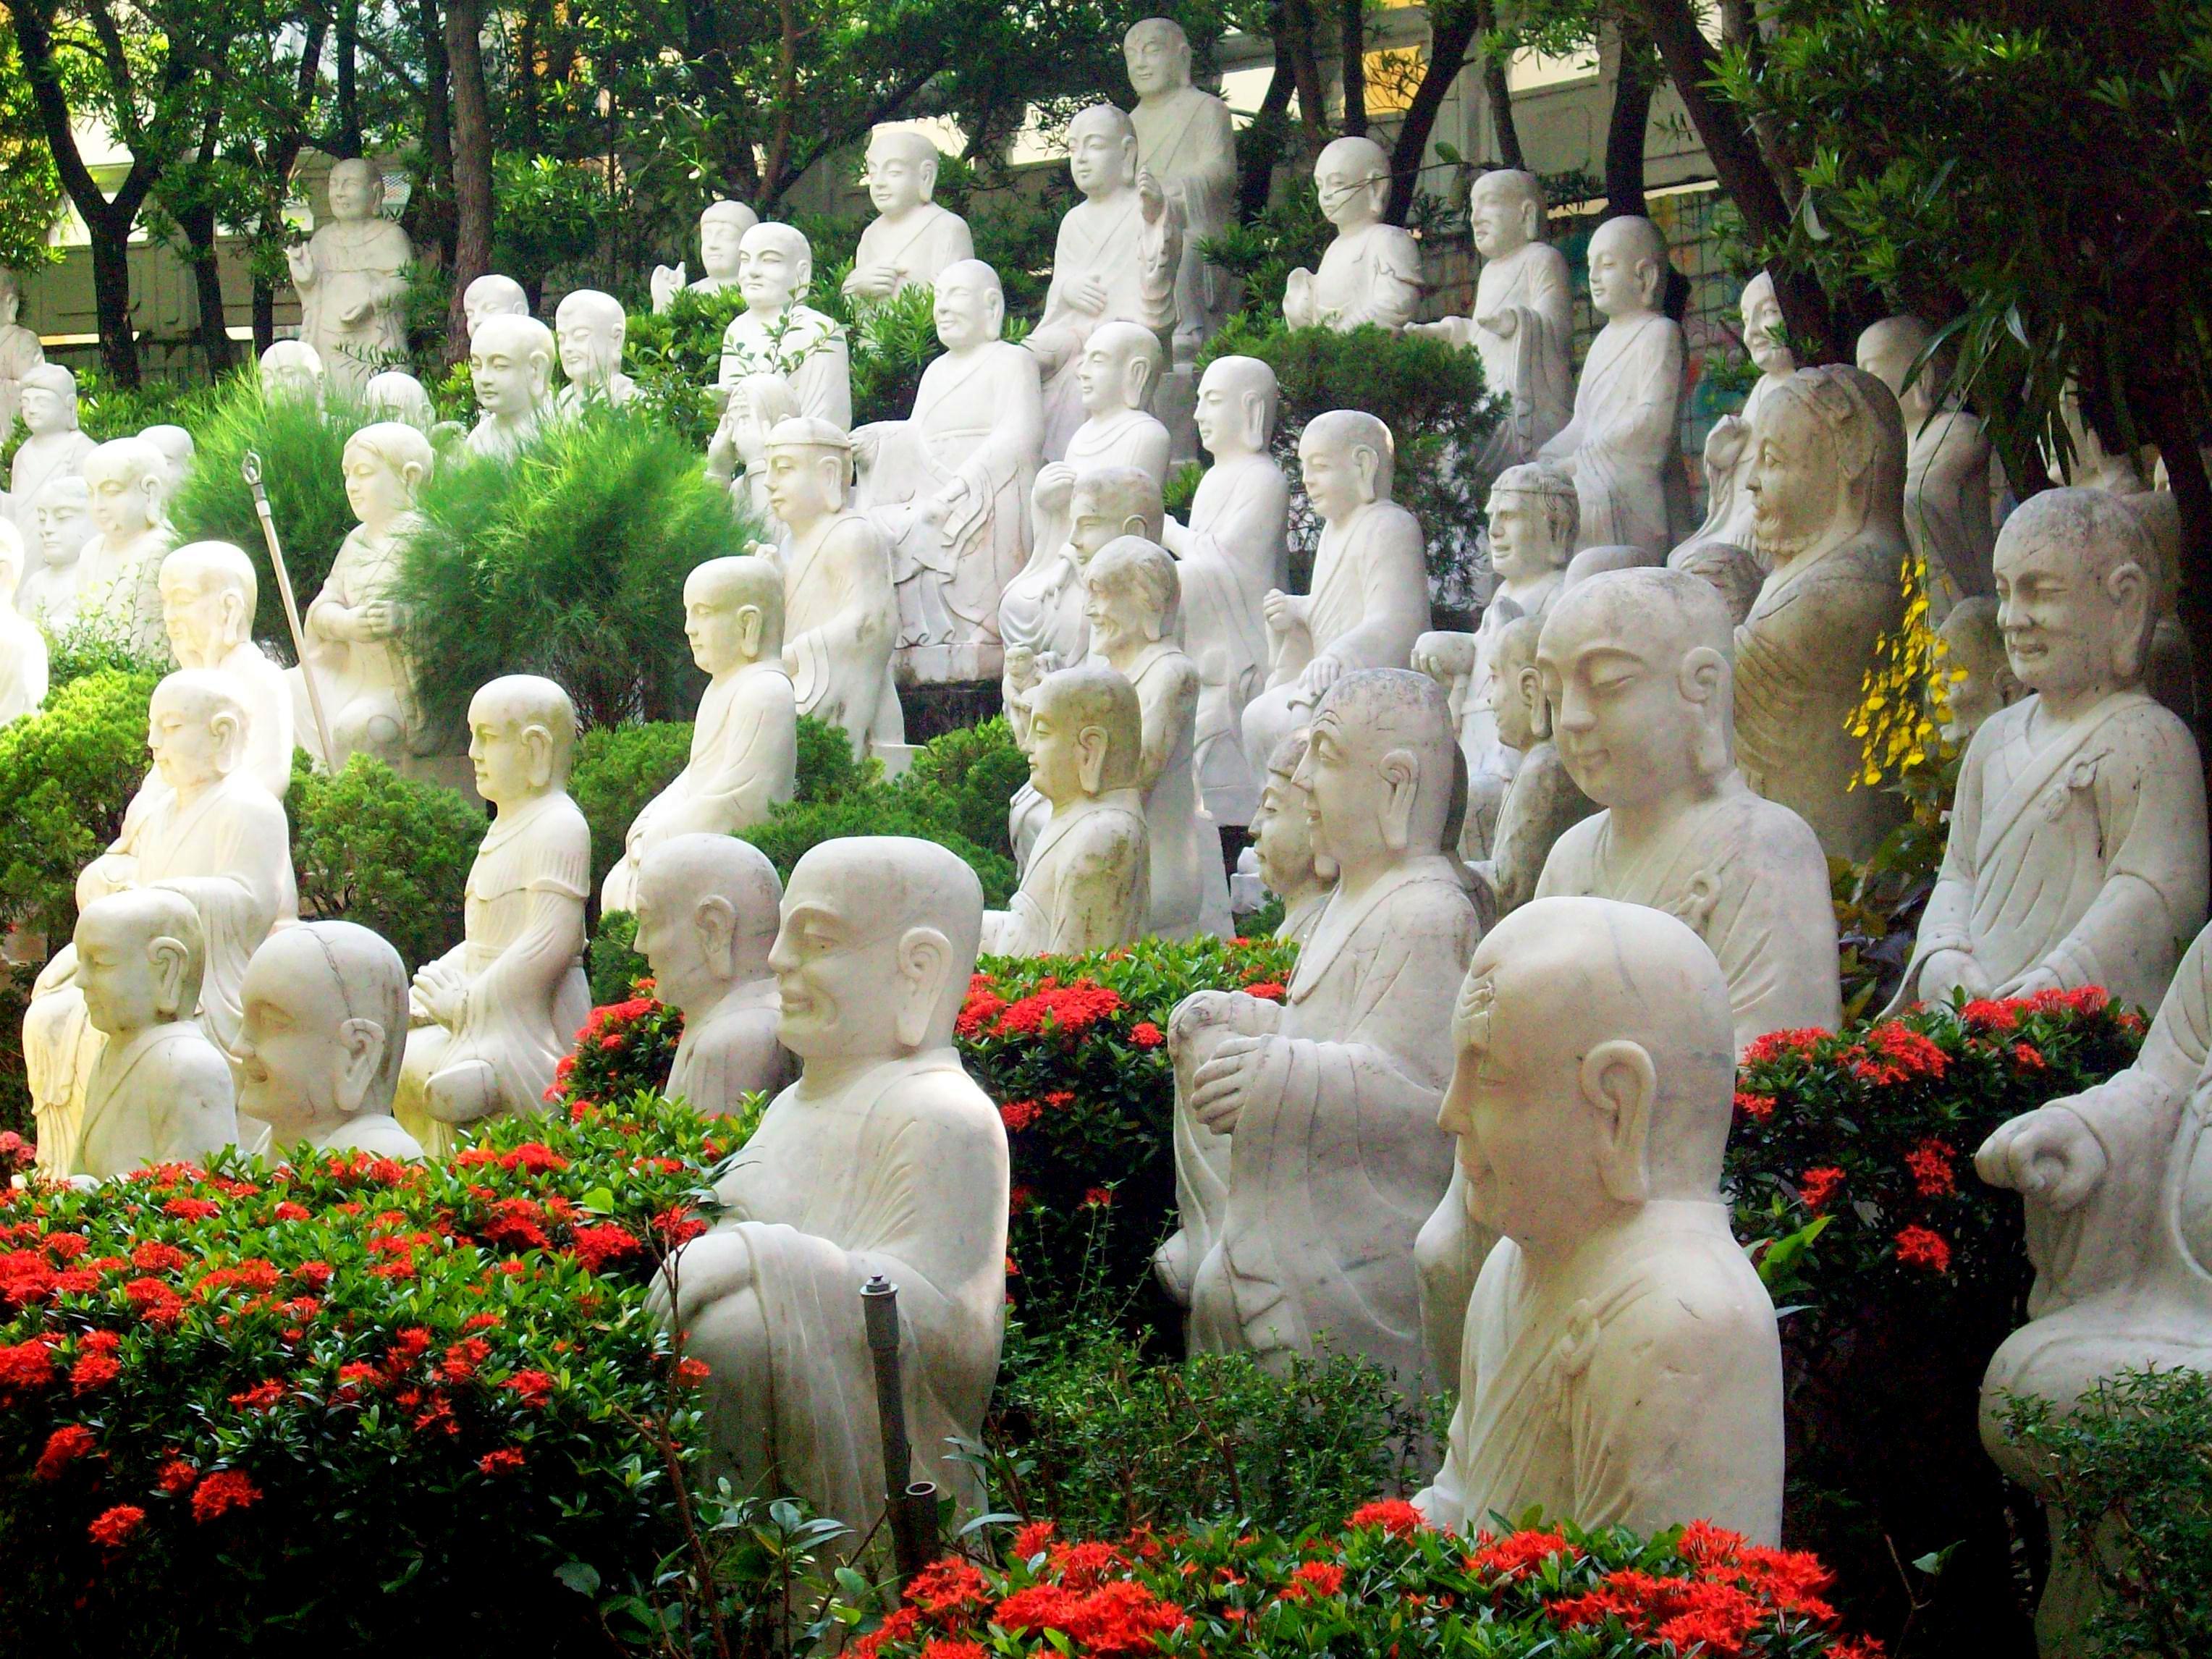 Fo Guang Shan Monastery in Kaohsiung, Taiwan